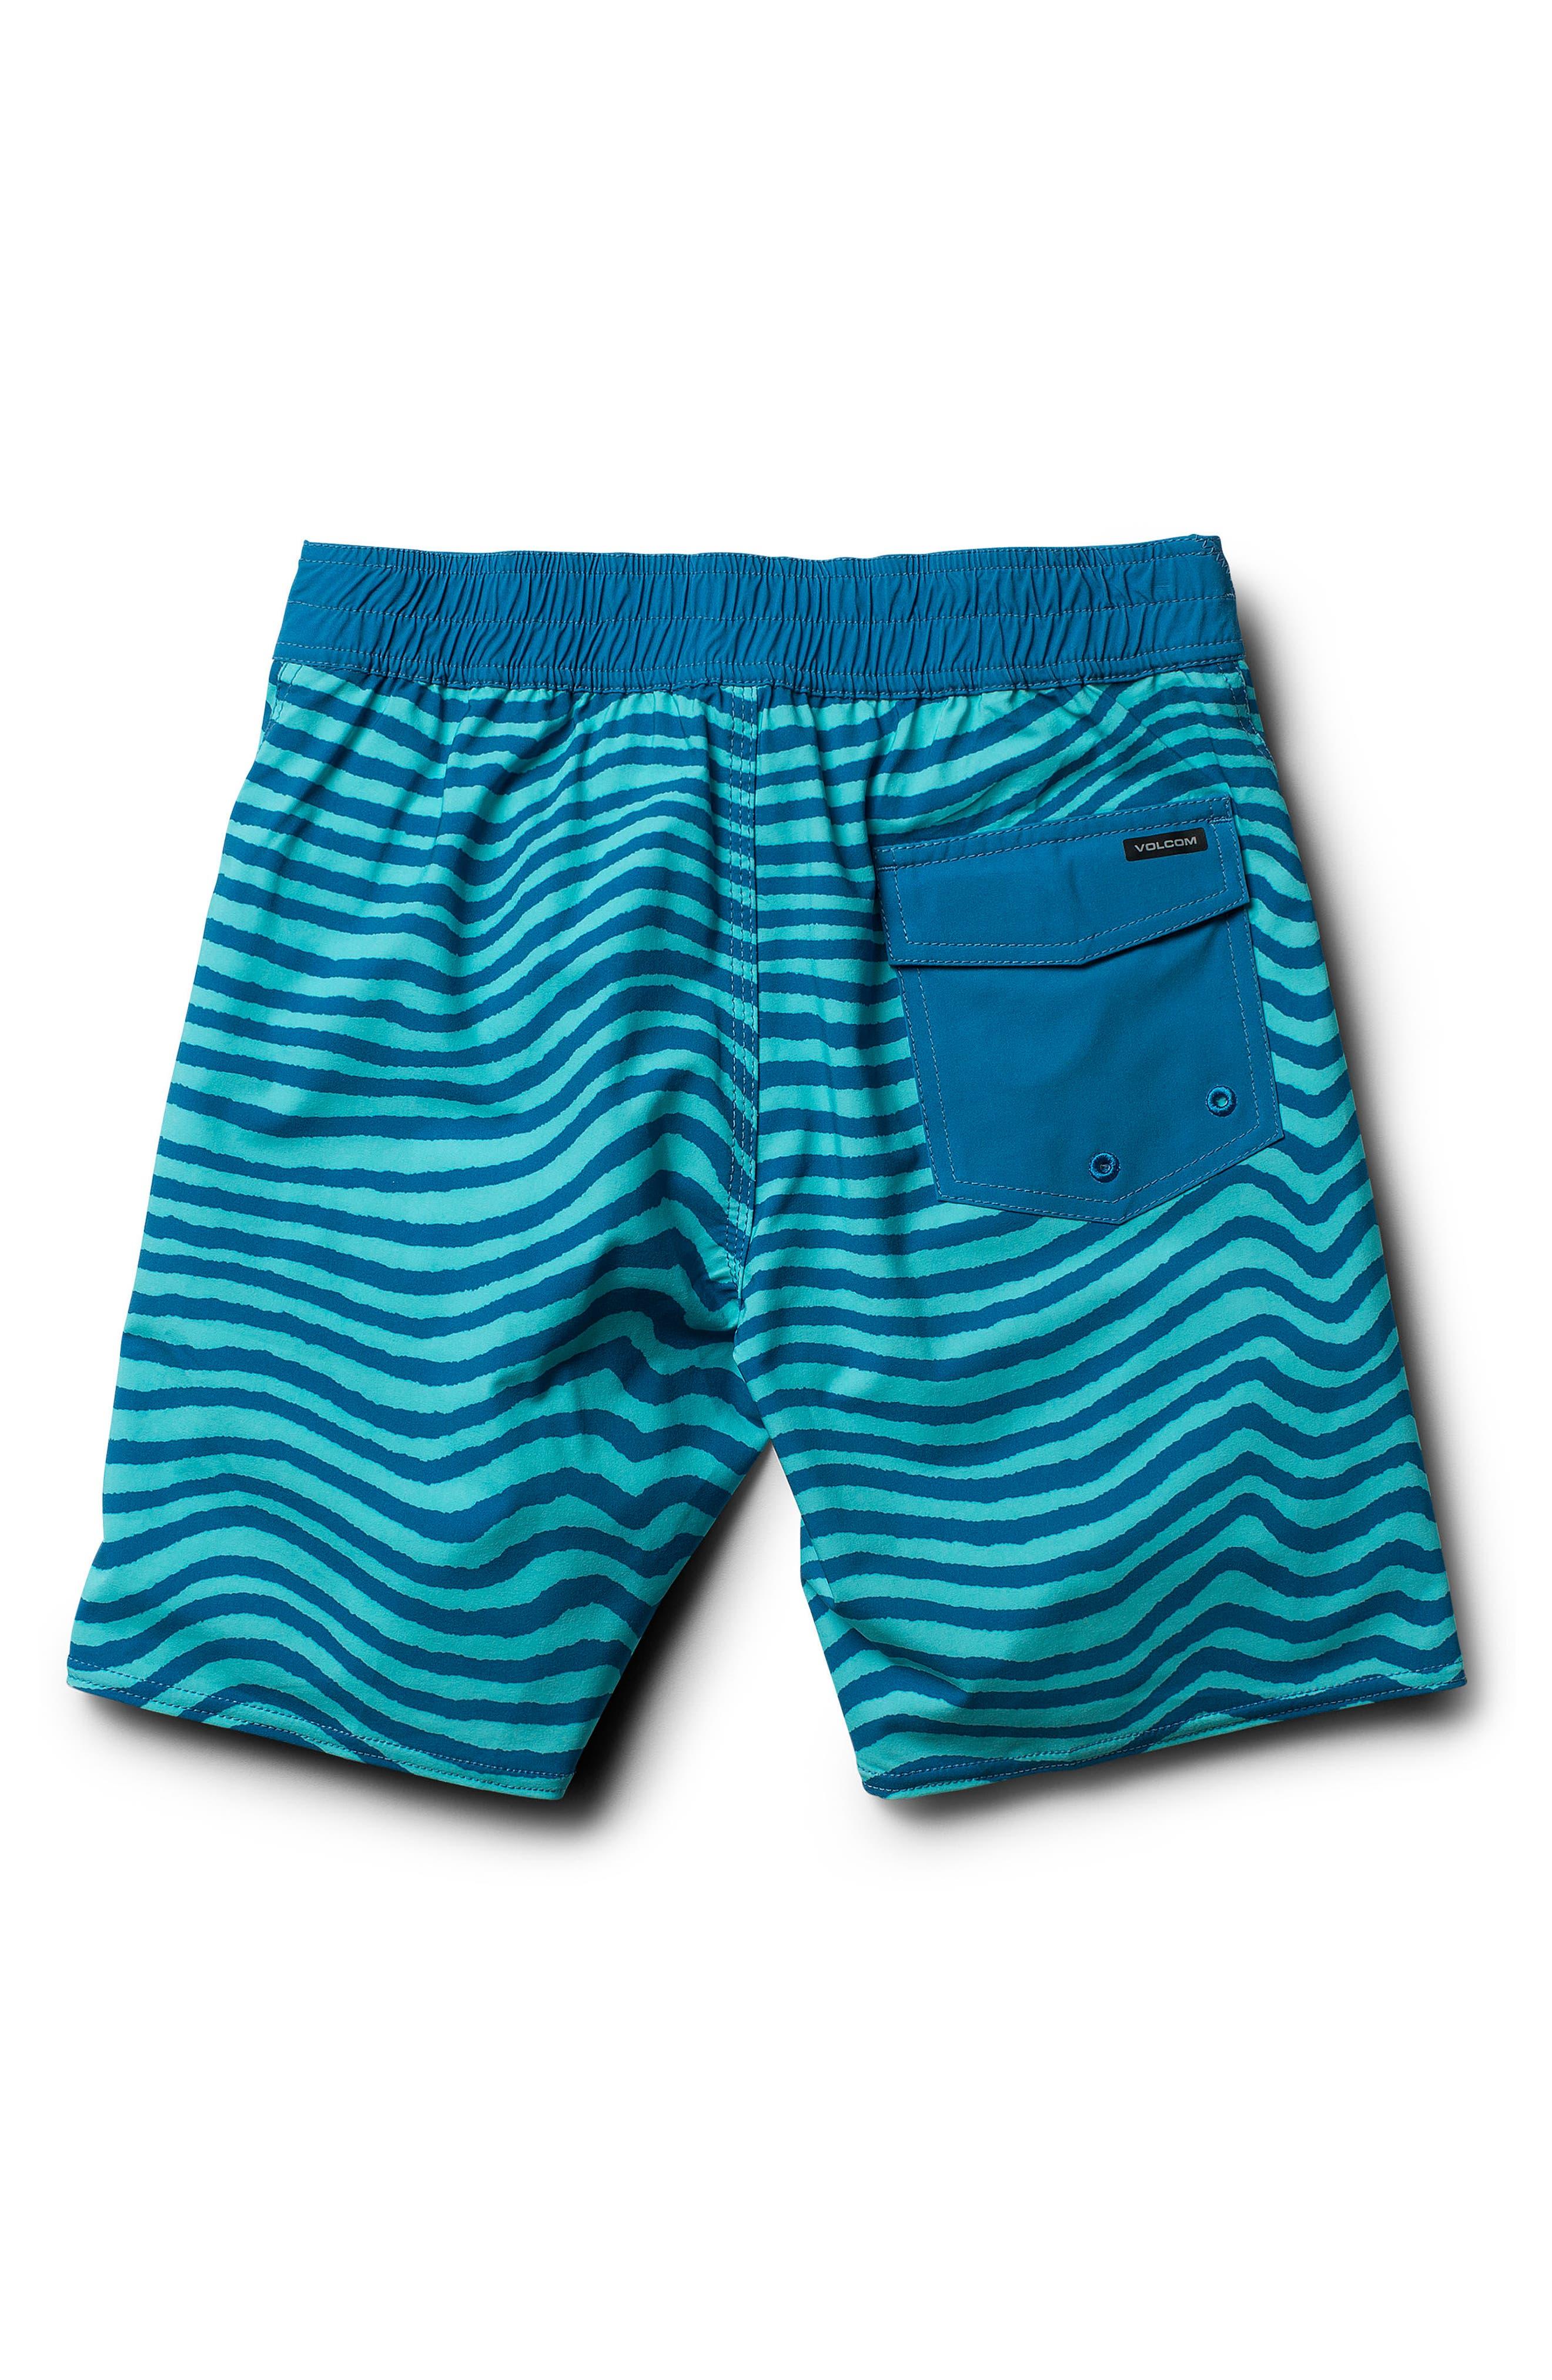 Mag Vibes Board Shorts,                             Alternate thumbnail 2, color,                             443